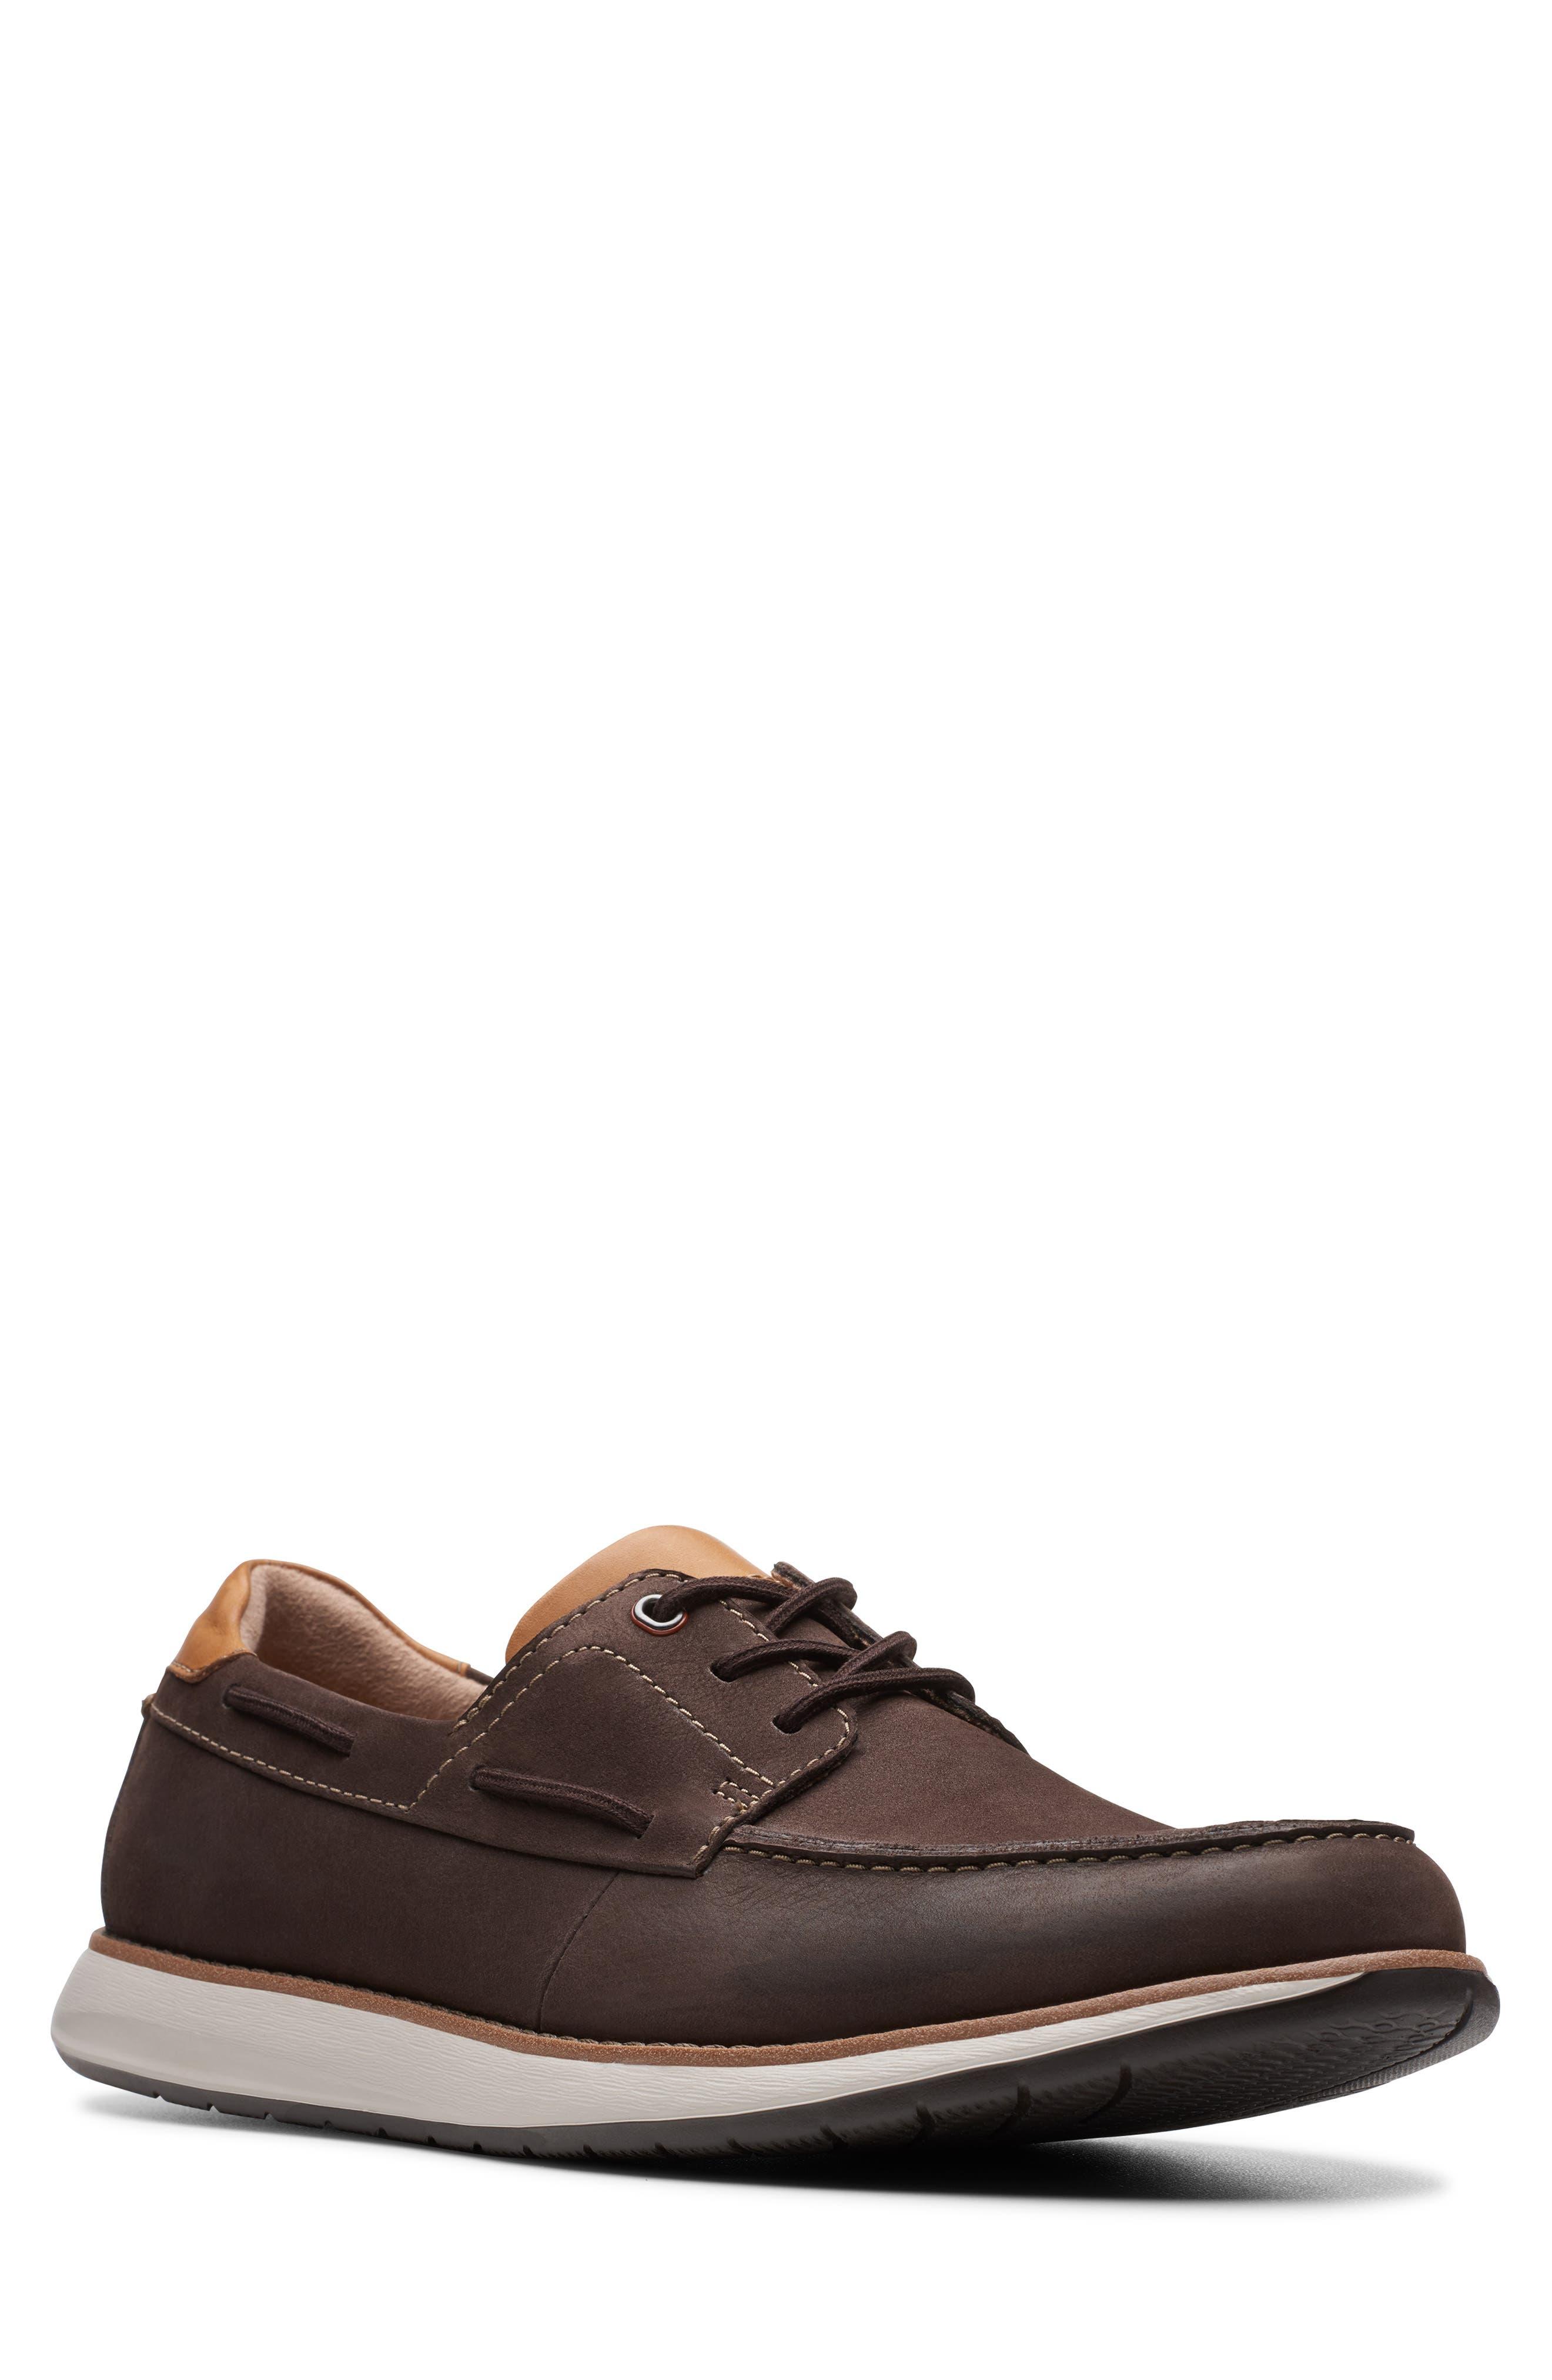 Men's Clarks Un Pilot Boat Shoe